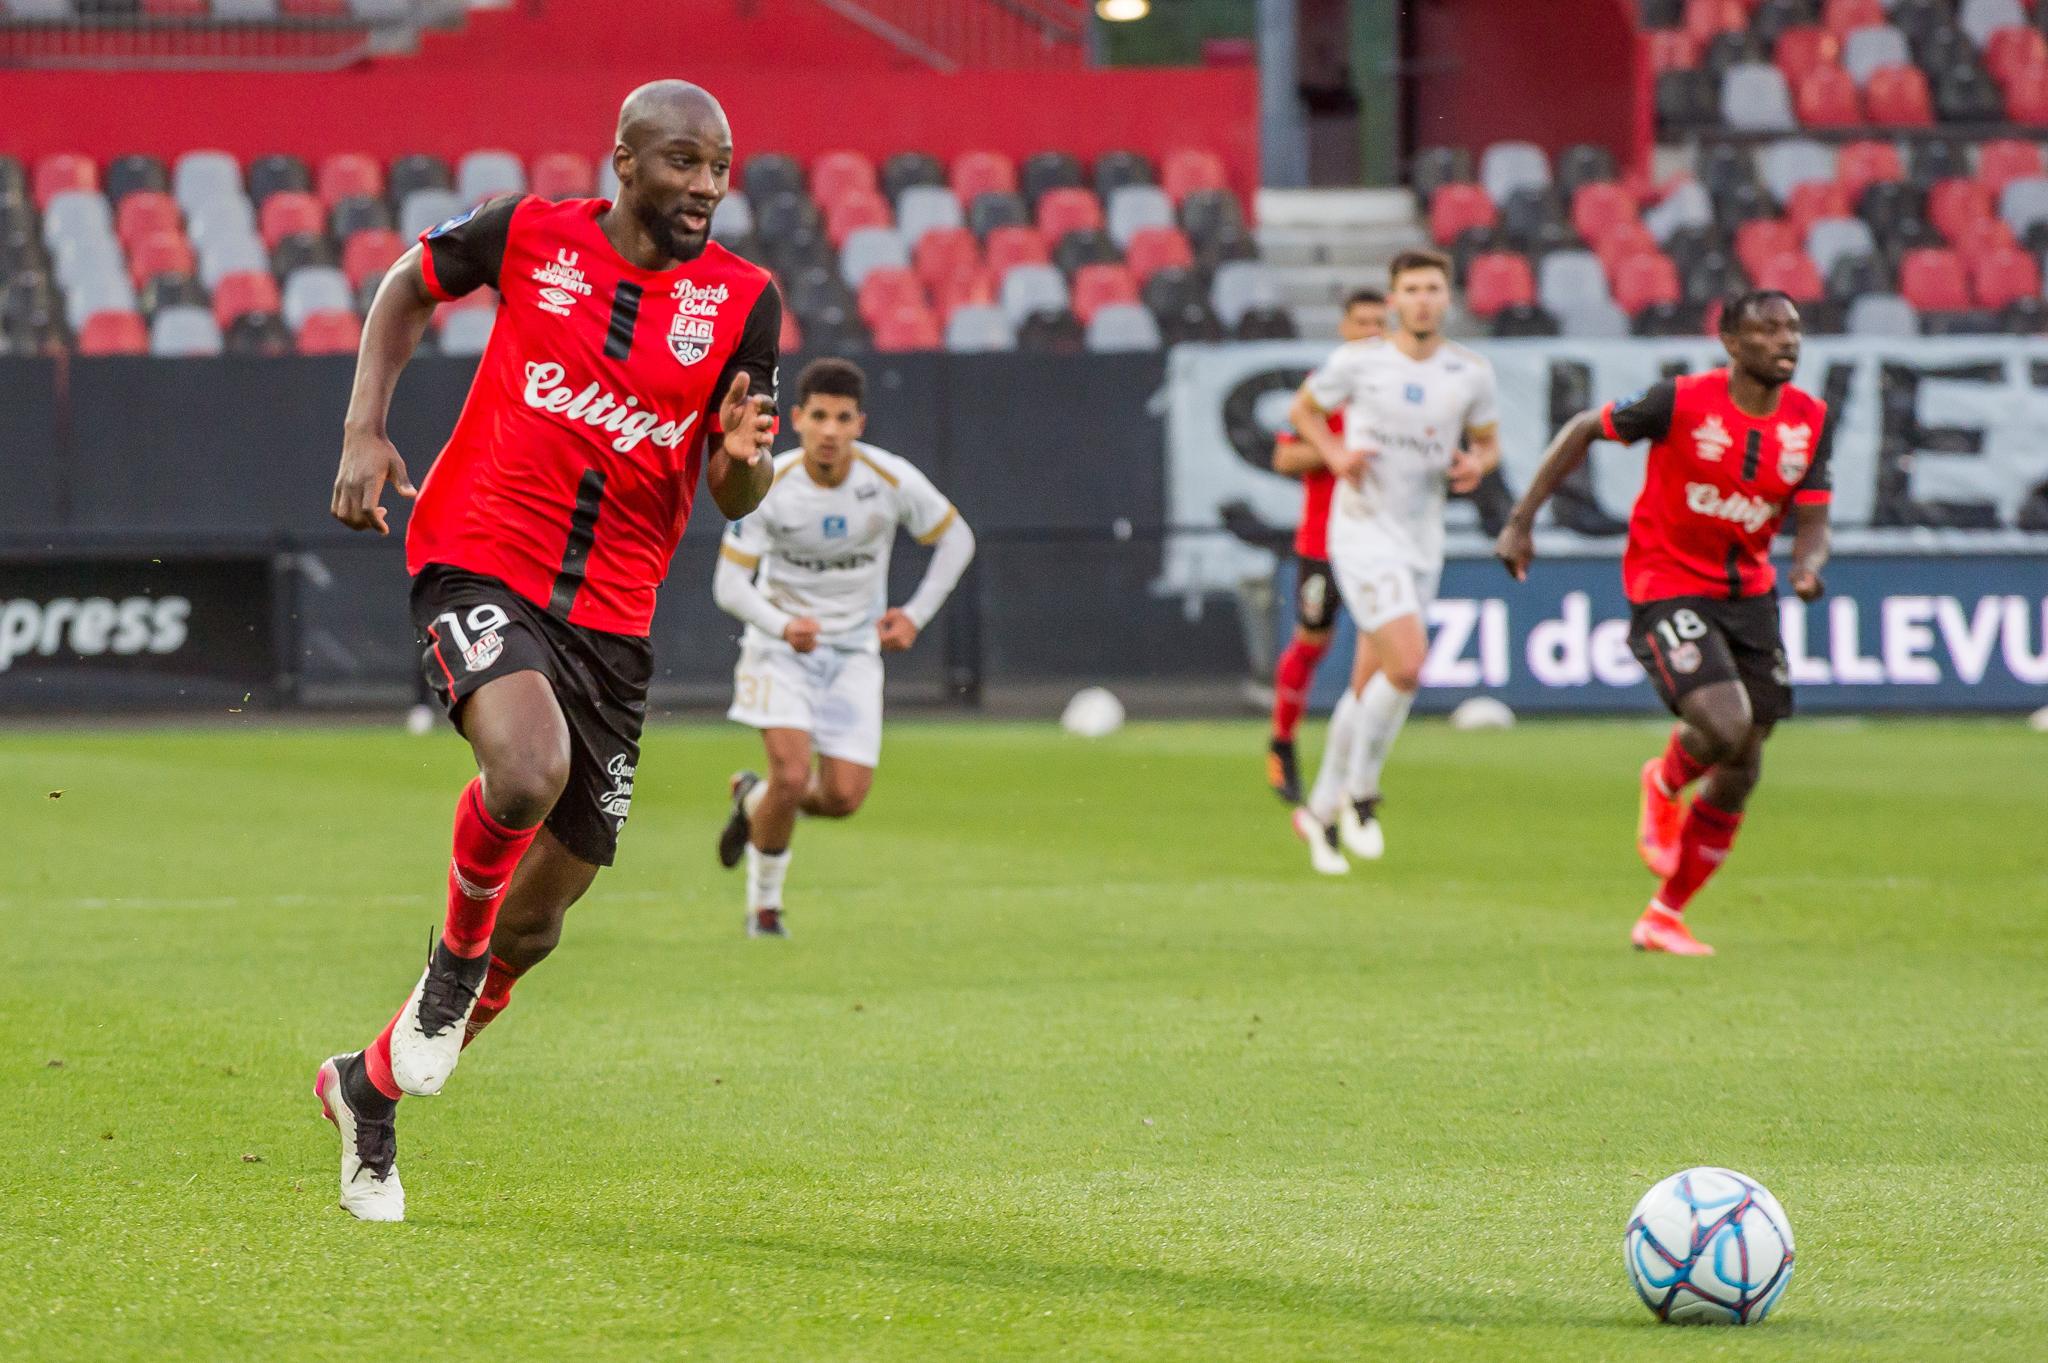 EA Guingamp La Berrichonne Châteauroux J37 Ligue 2 BKT EAGLBC 2-0 Stade de Roudourou FRA_5712